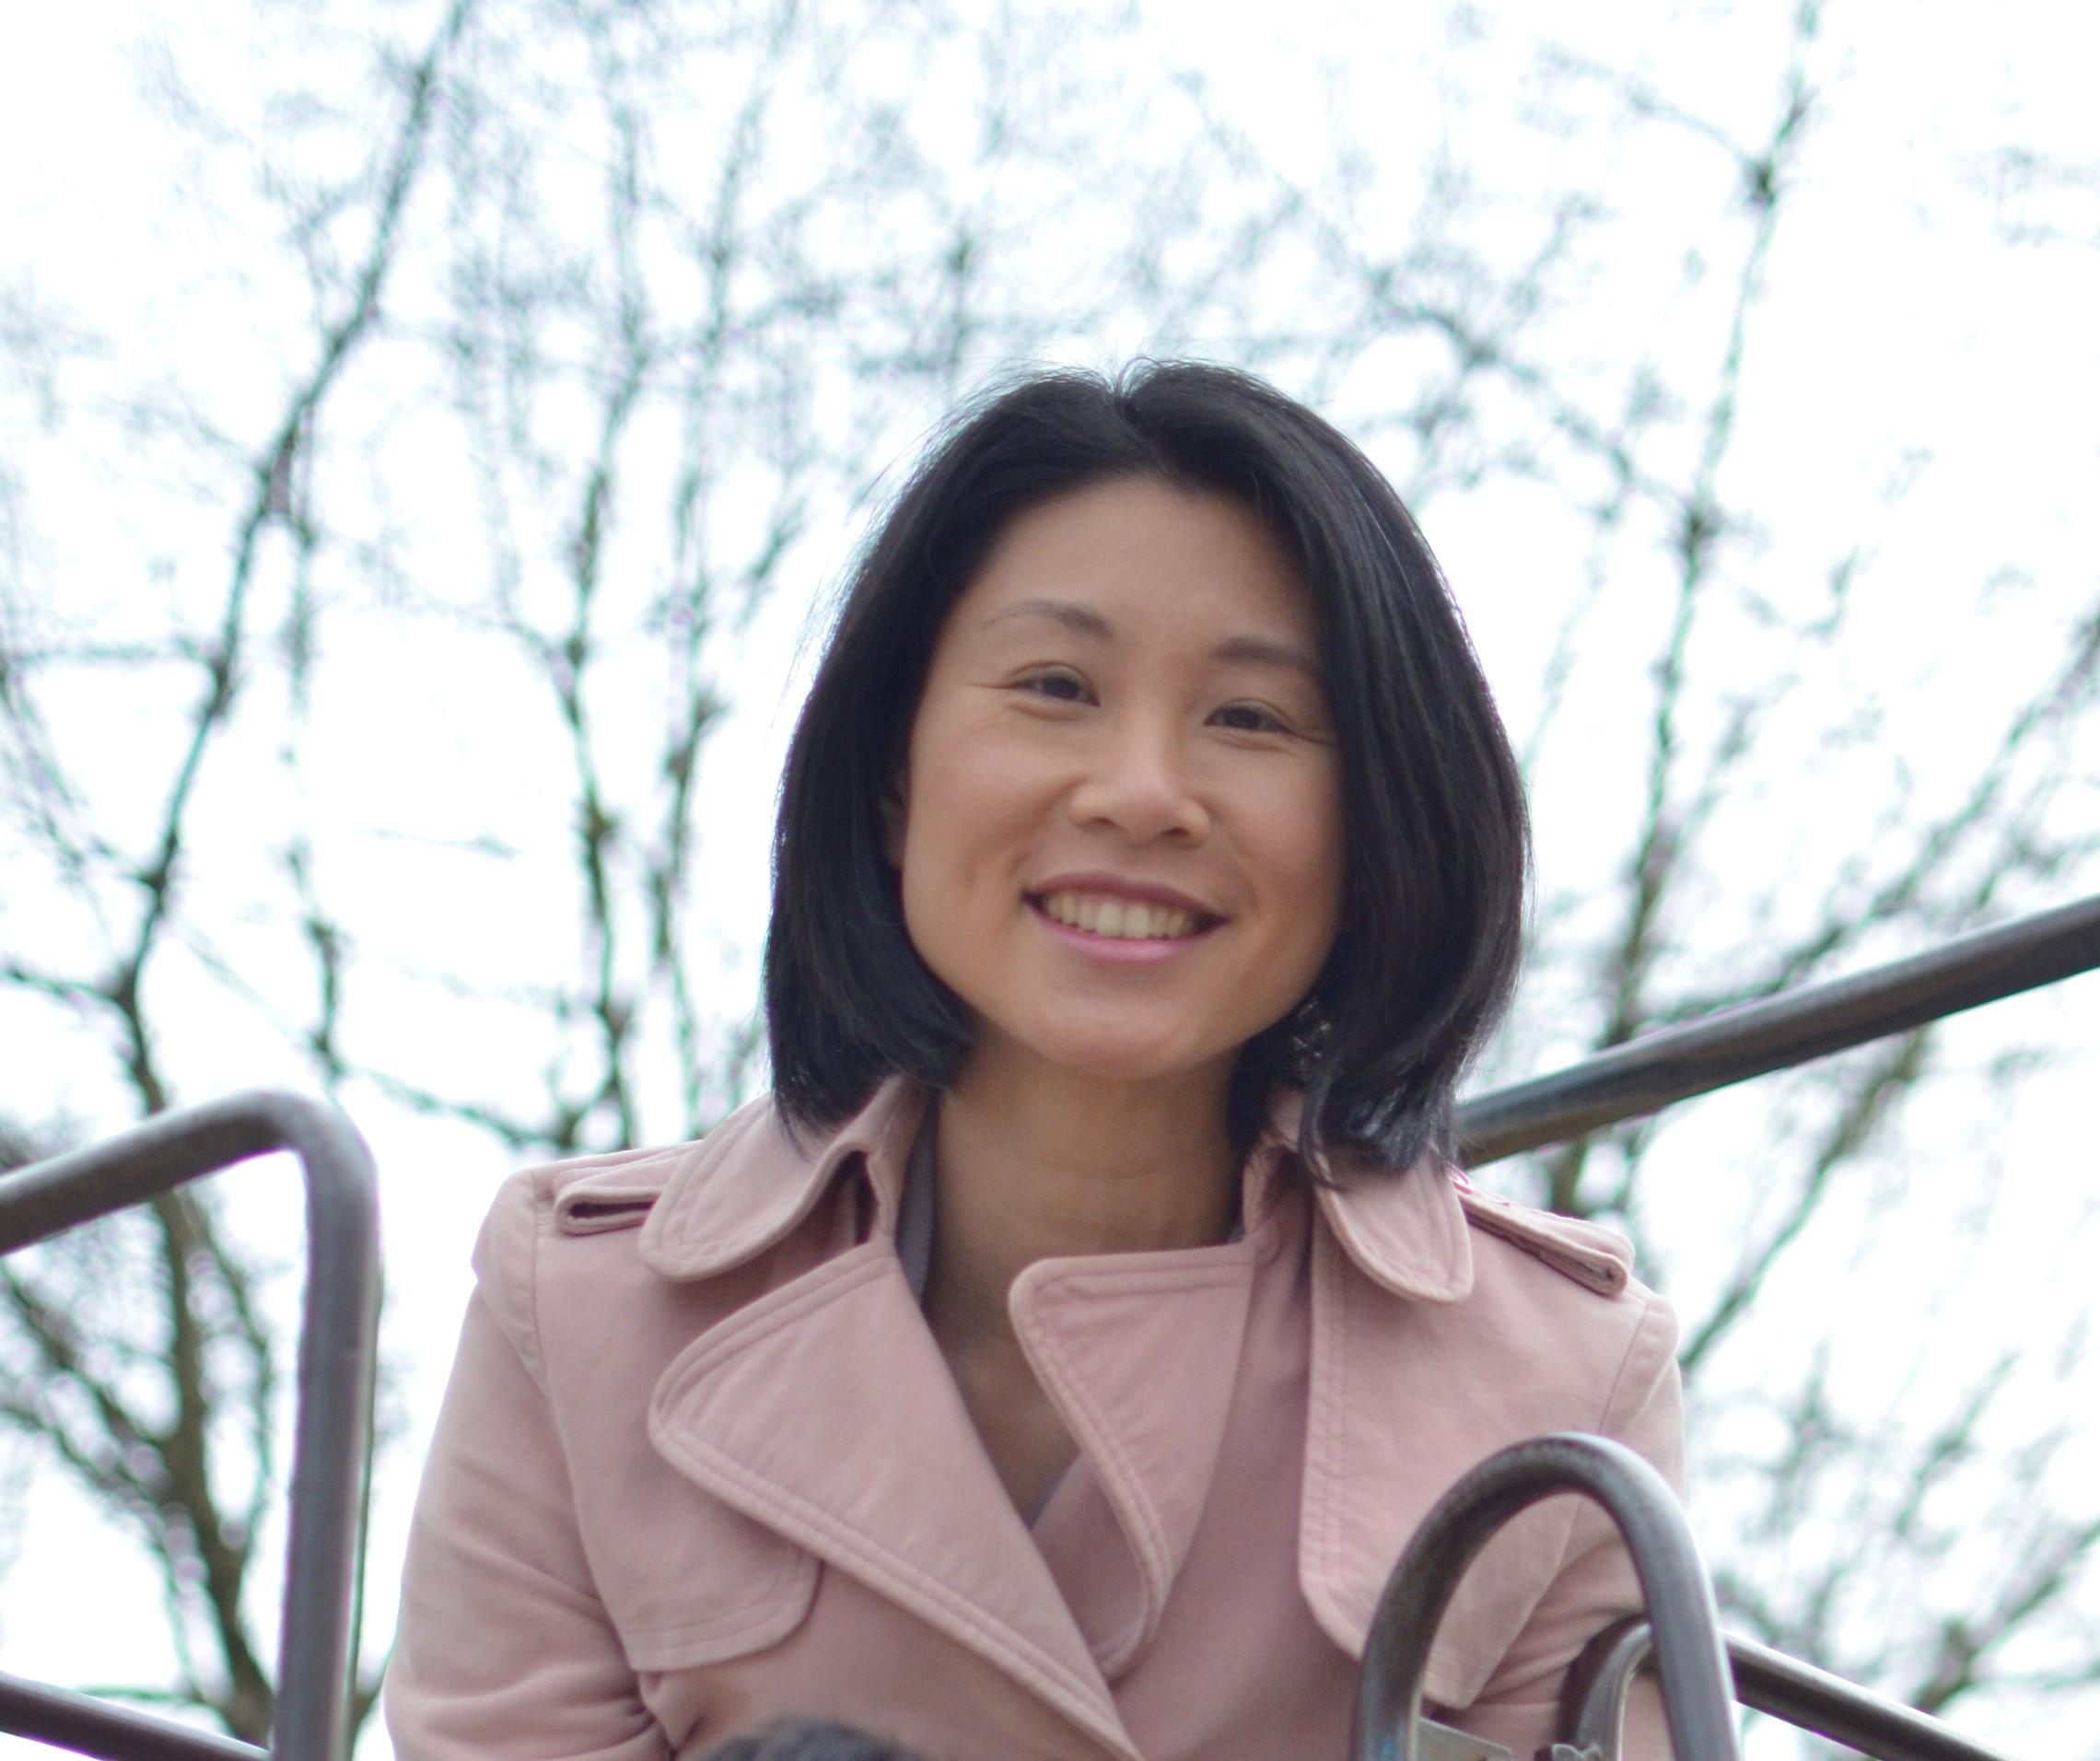 Profile photo 4 resized.jpg